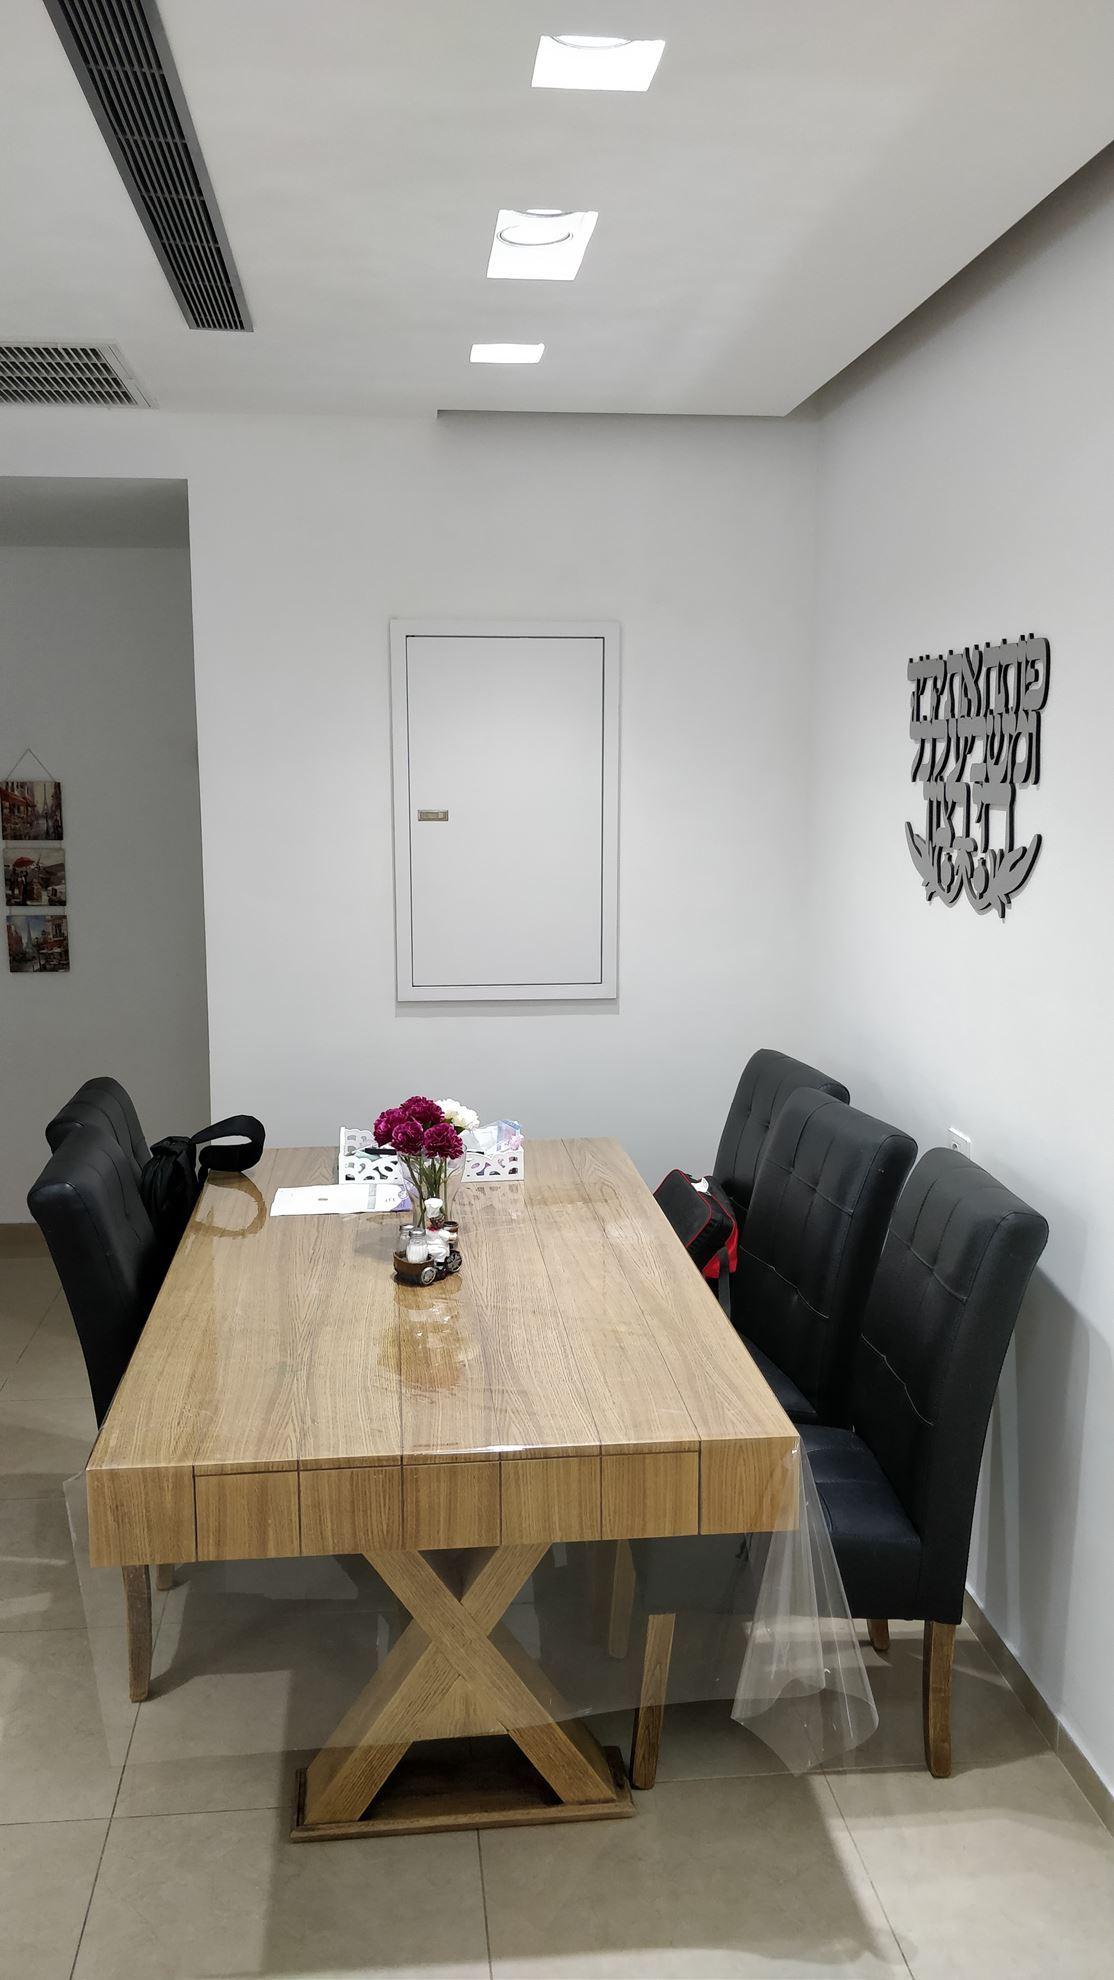 תמונה של 4 חדרים ביוסף בורג-פלח 5